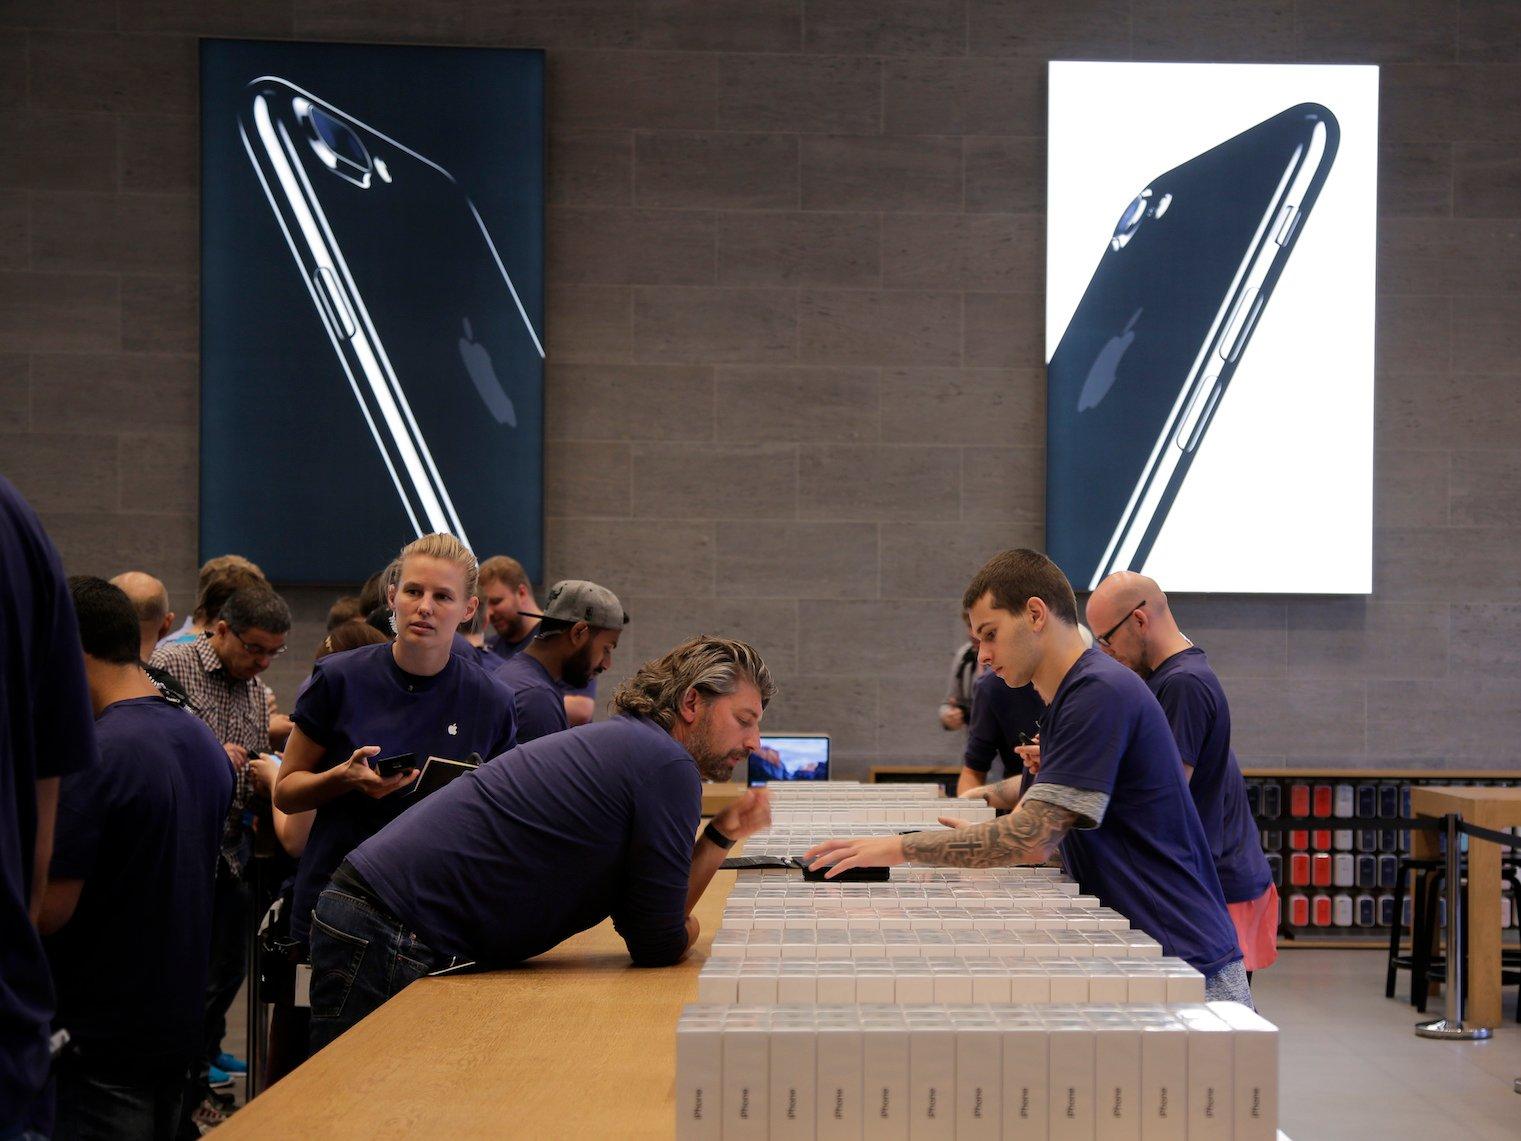 Premières plaintes aux Etats-Unis — Bridage de l'iPhone